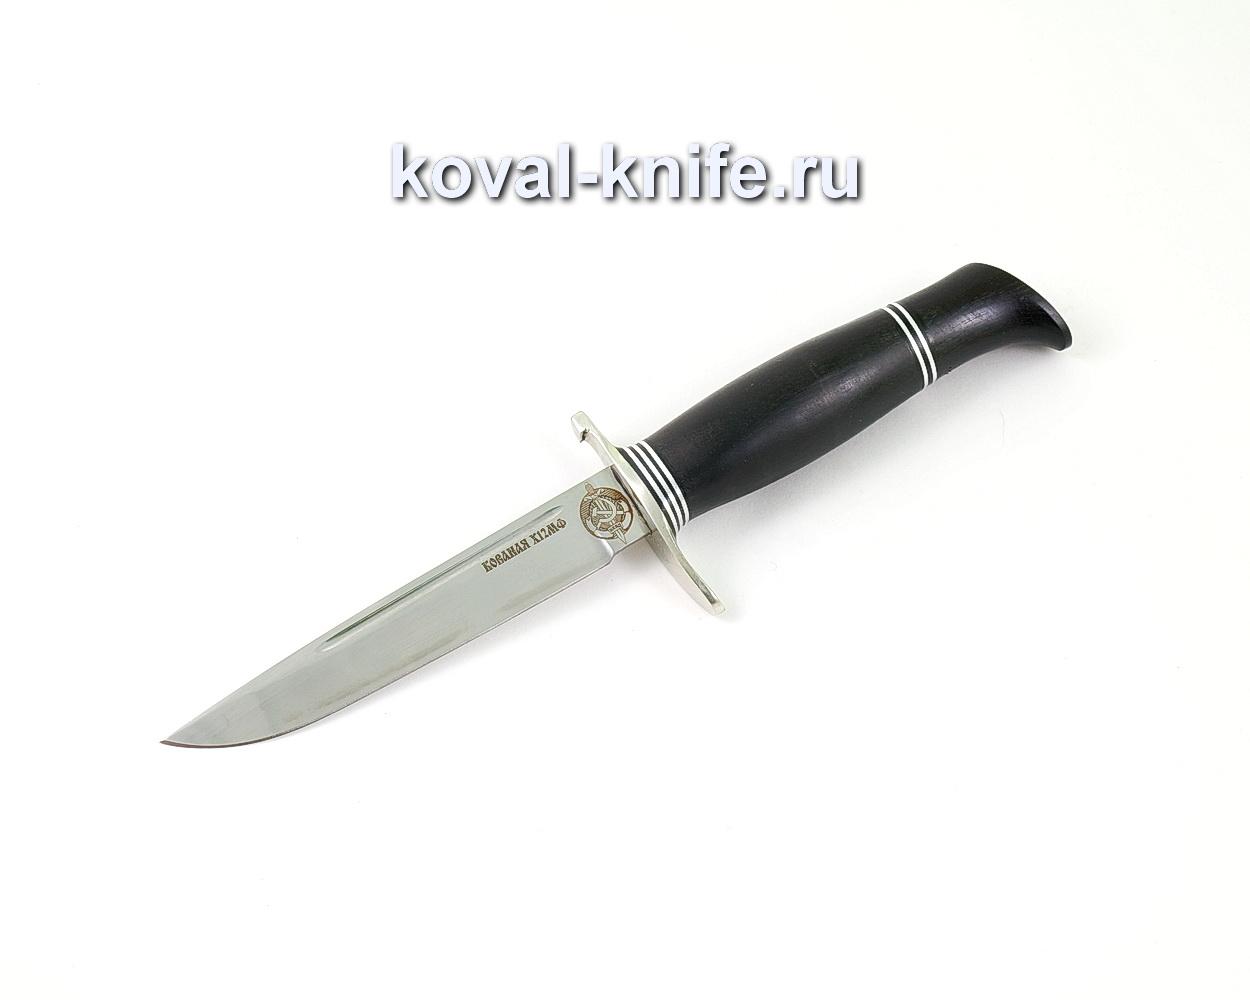 Нож из кованой стали Х12МФ Финка НКВД (рукоять черный граб) A501